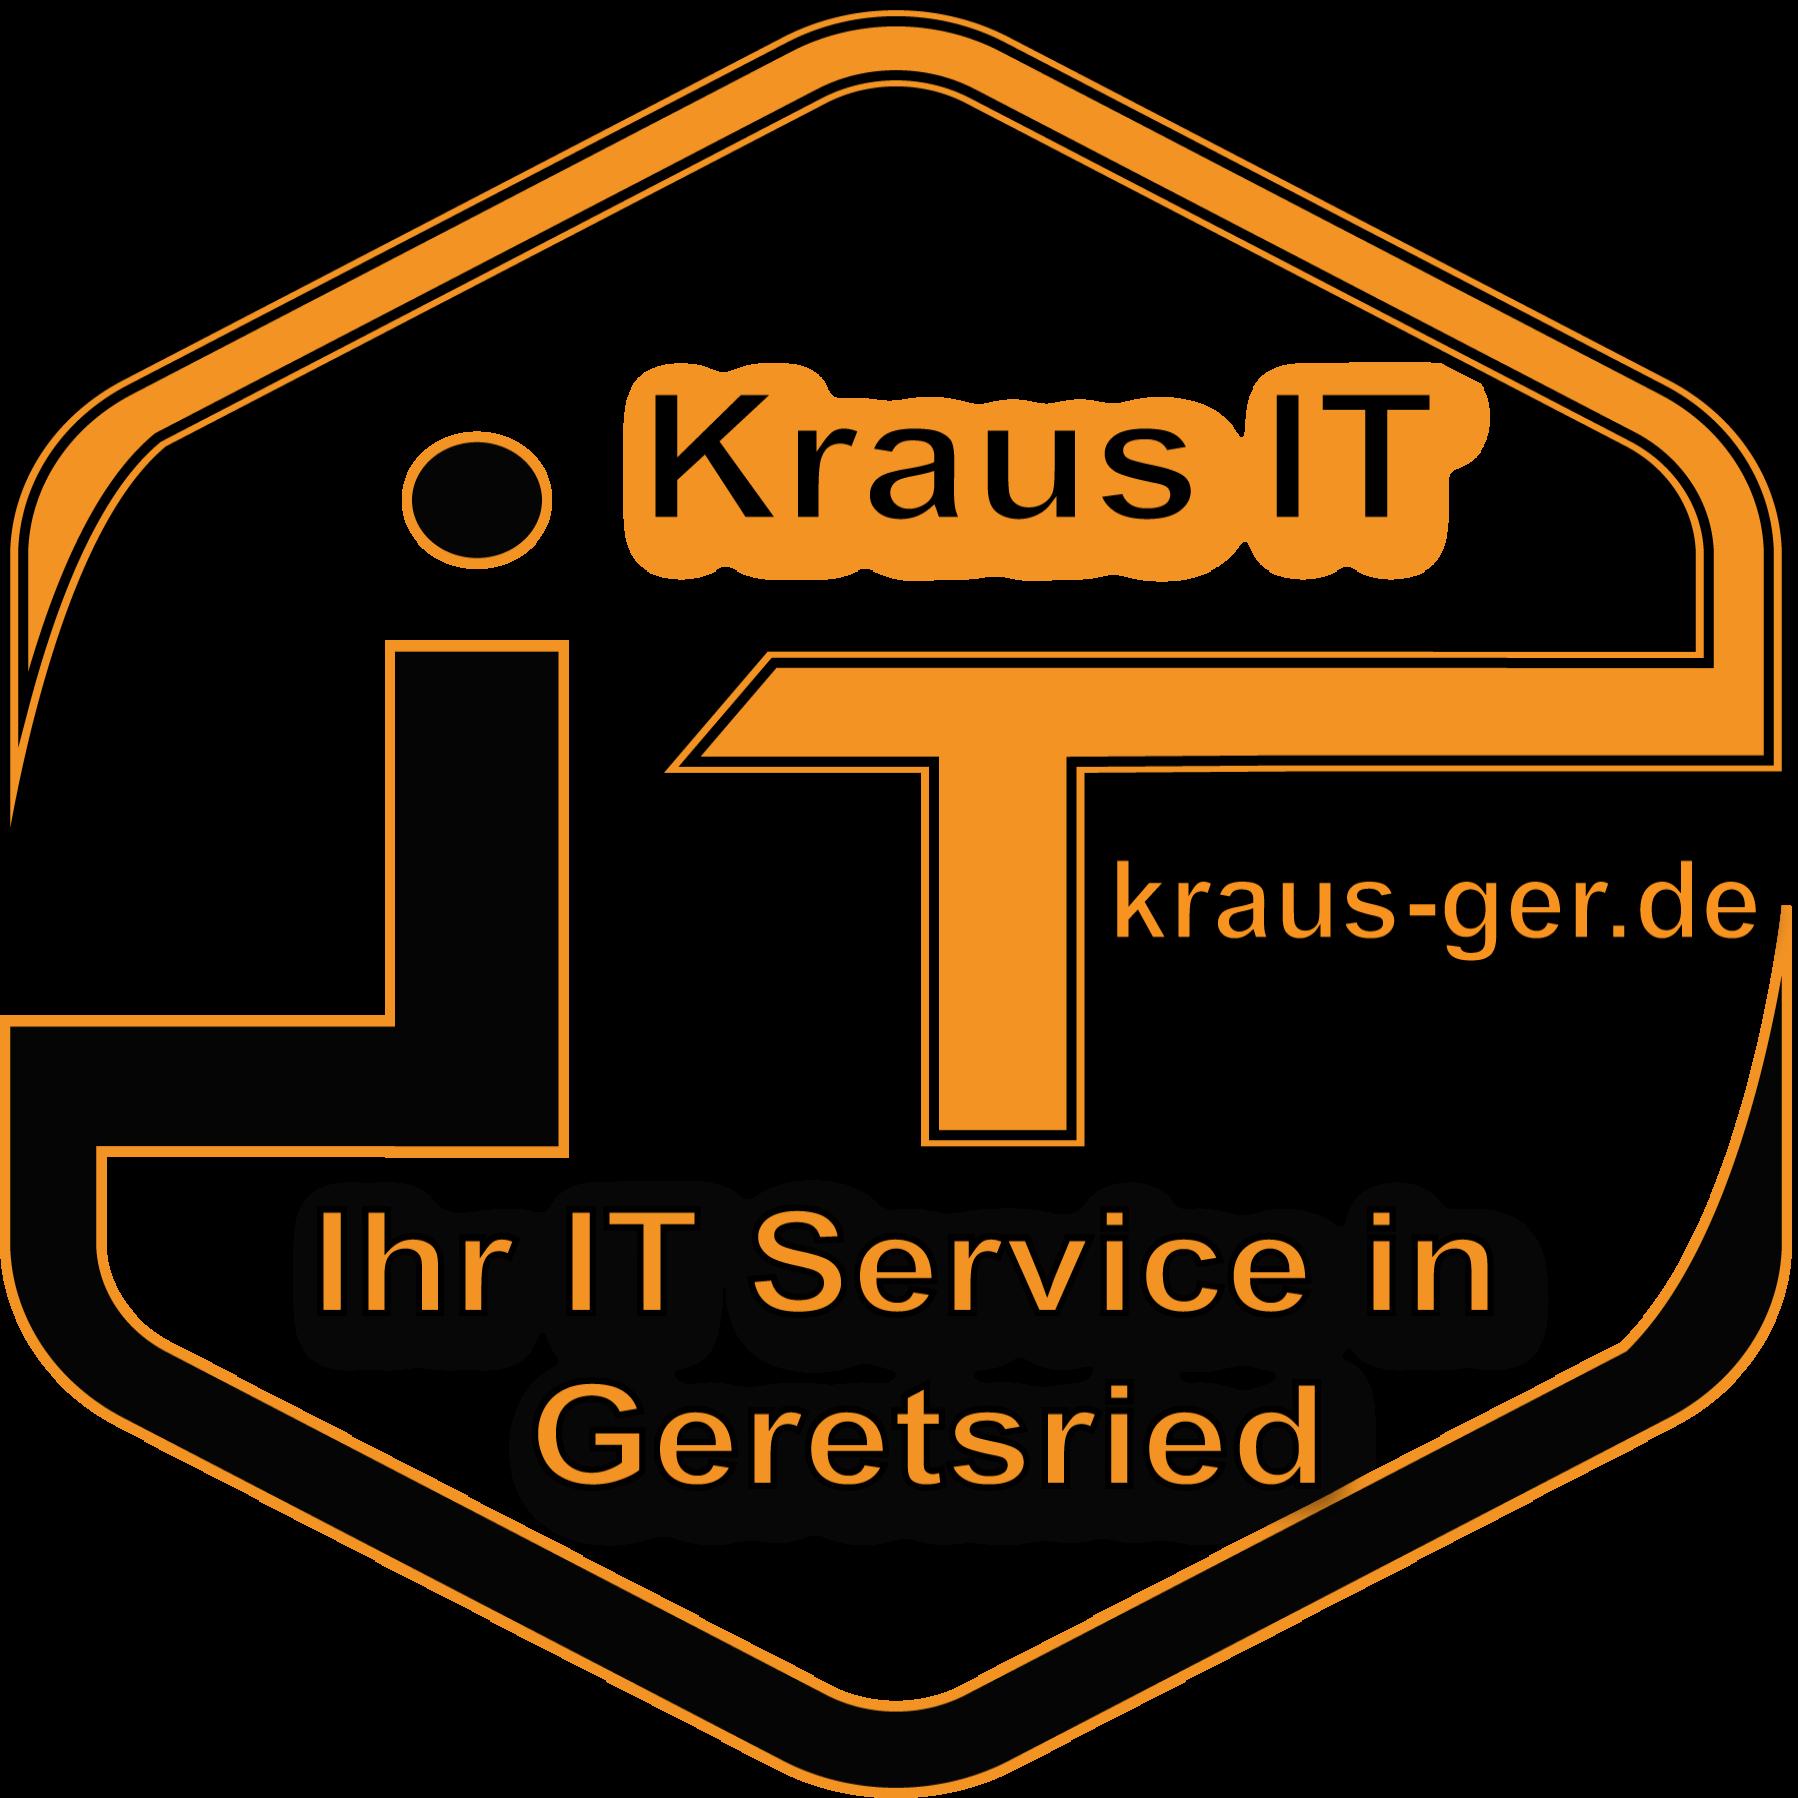 Kraus IT Logo